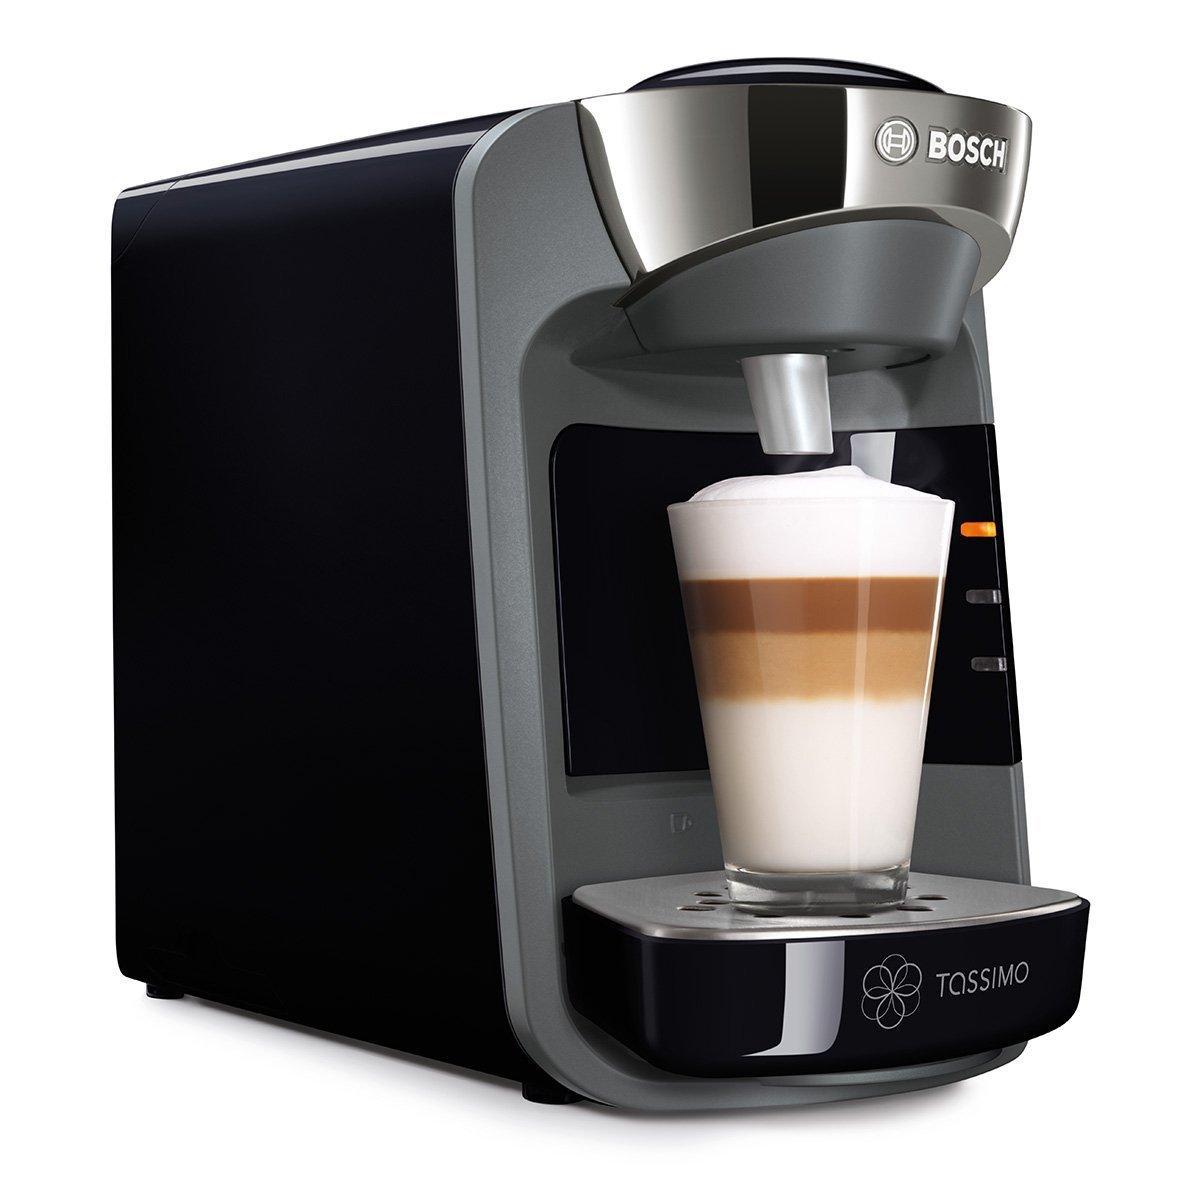 Kapsulový espressovač Kompatibilné s Tassimo Bosch Tassimo TAS3202